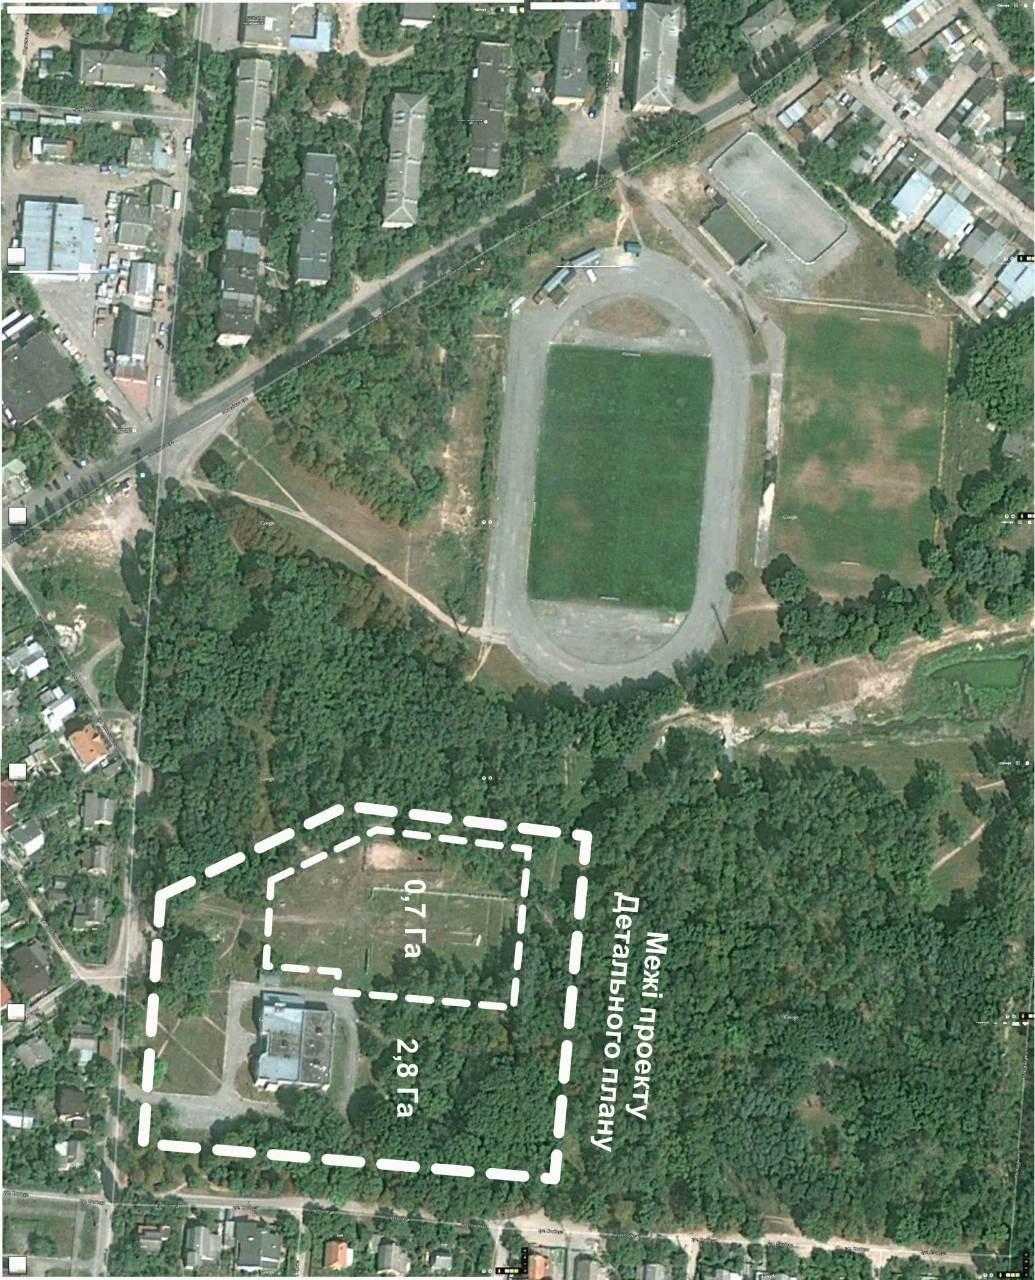 Boyarka-plan-1 На захист парку: в Боярці влада планує пустити під висотну забудову частину зеленої зони